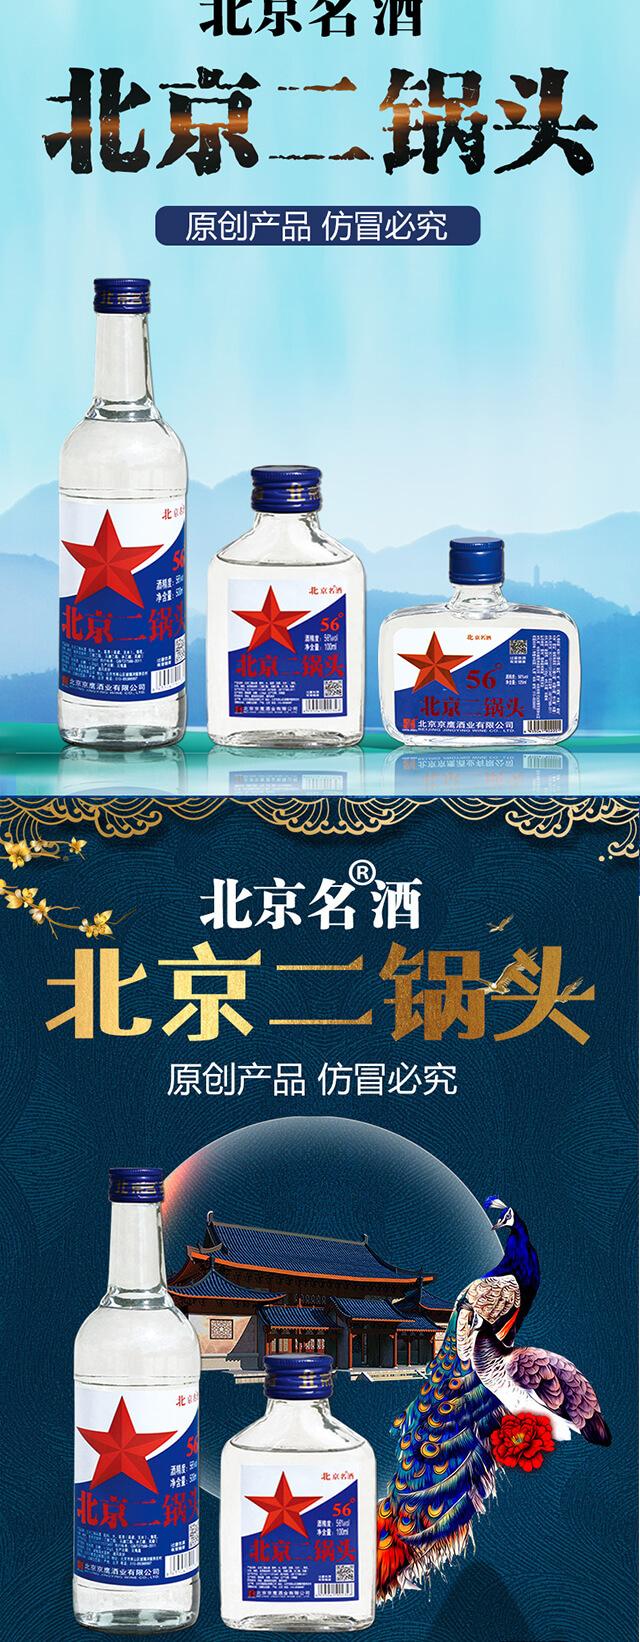 北京京鹰酒业有限公司_09